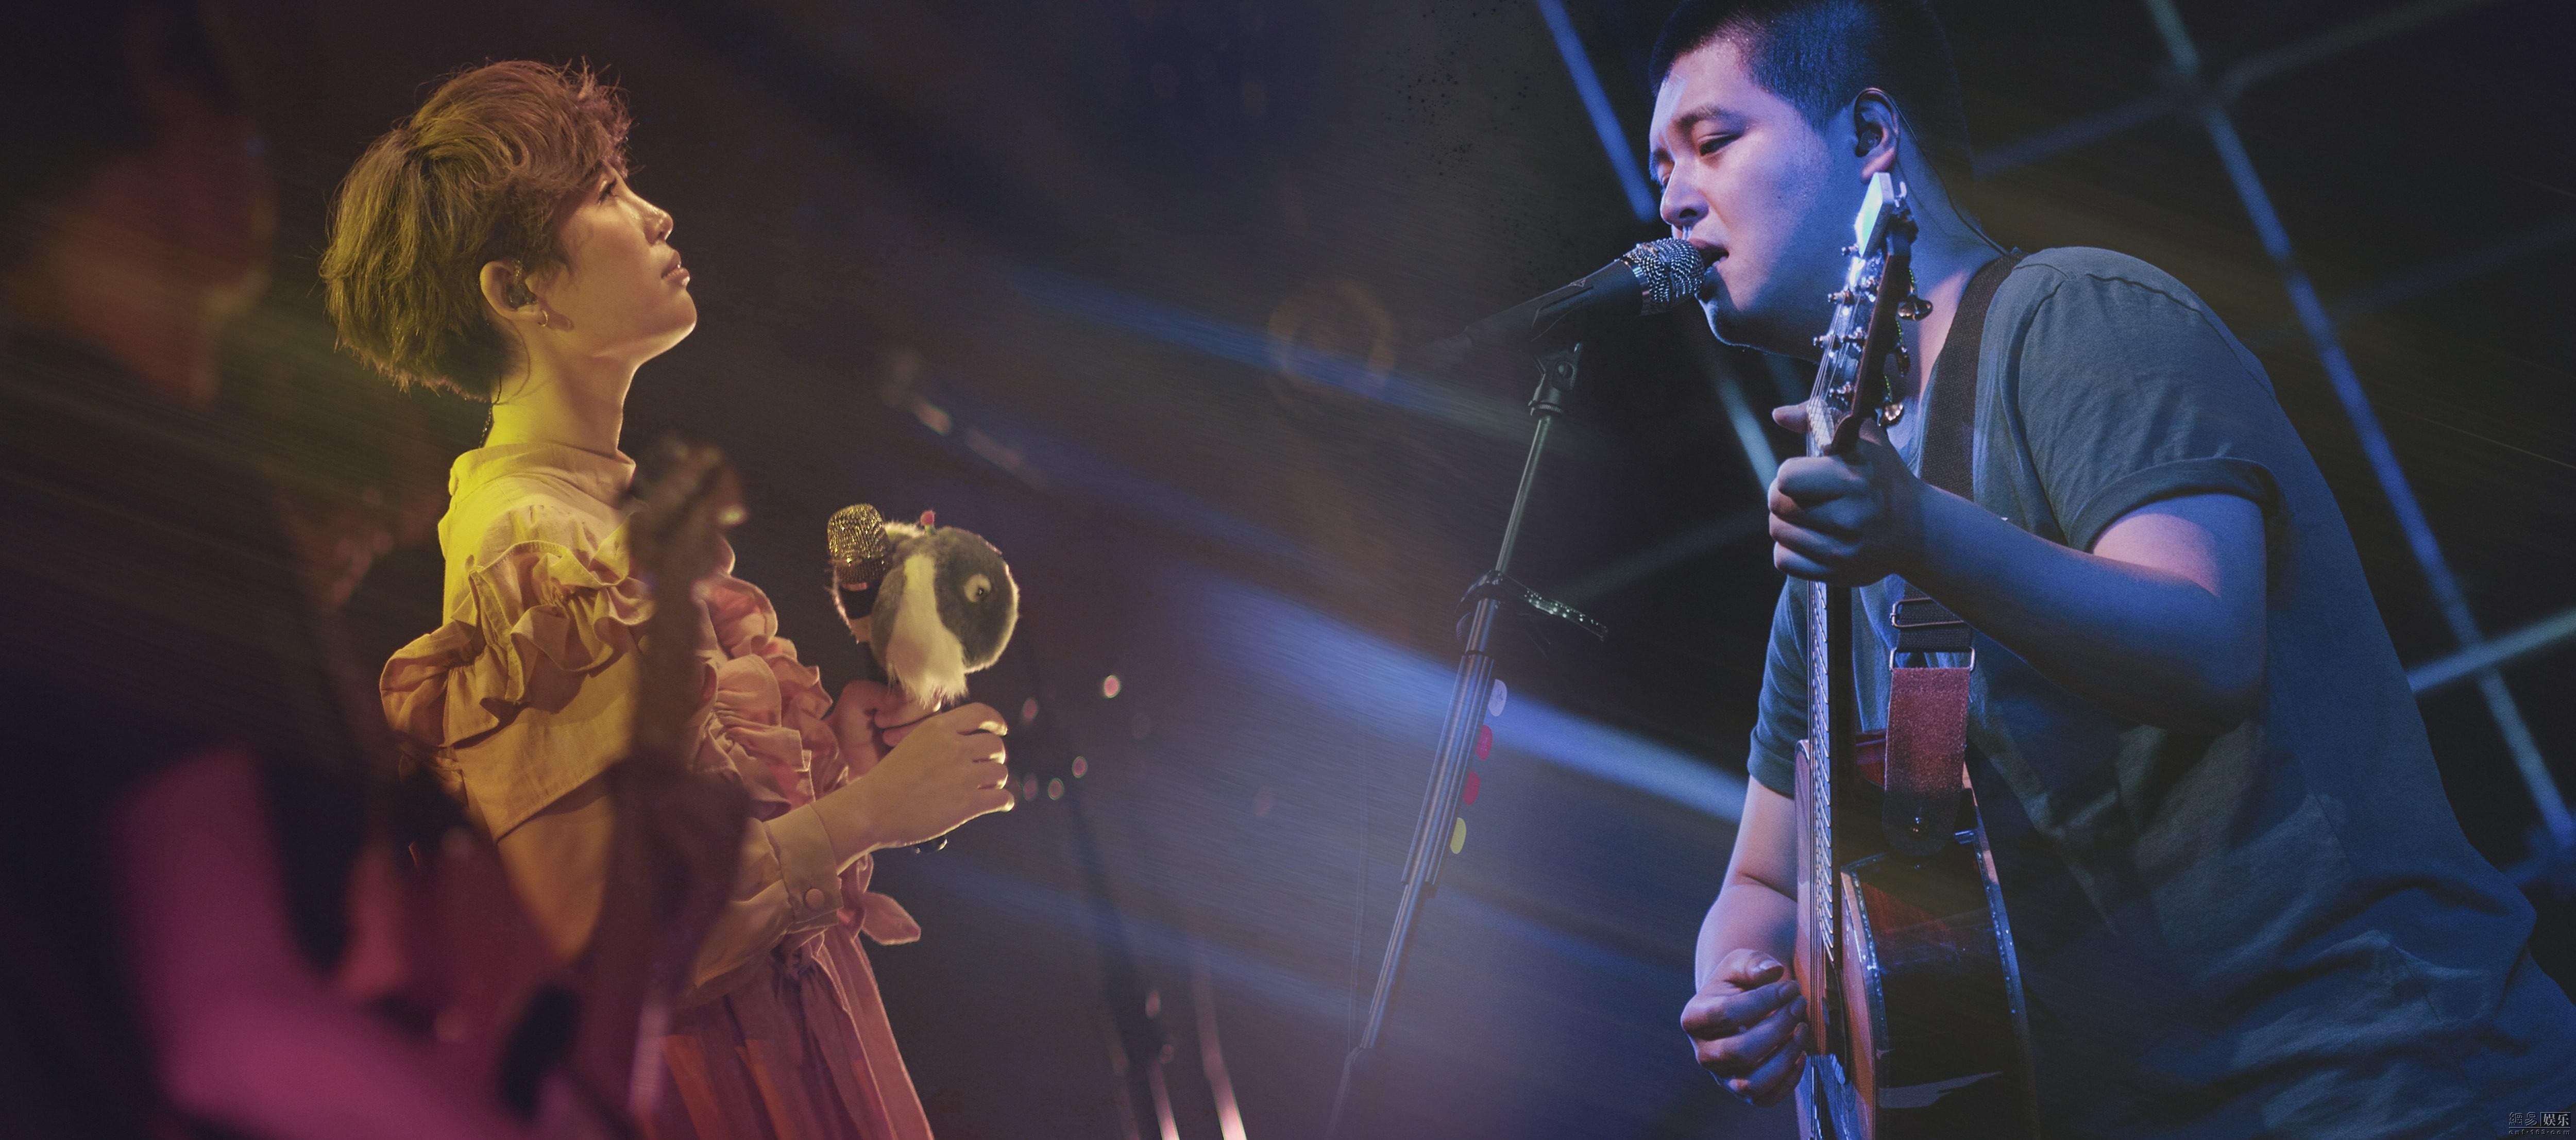 """马頔魏如萱合作单曲""""孤陋寡闻""""巡演启动在即"""